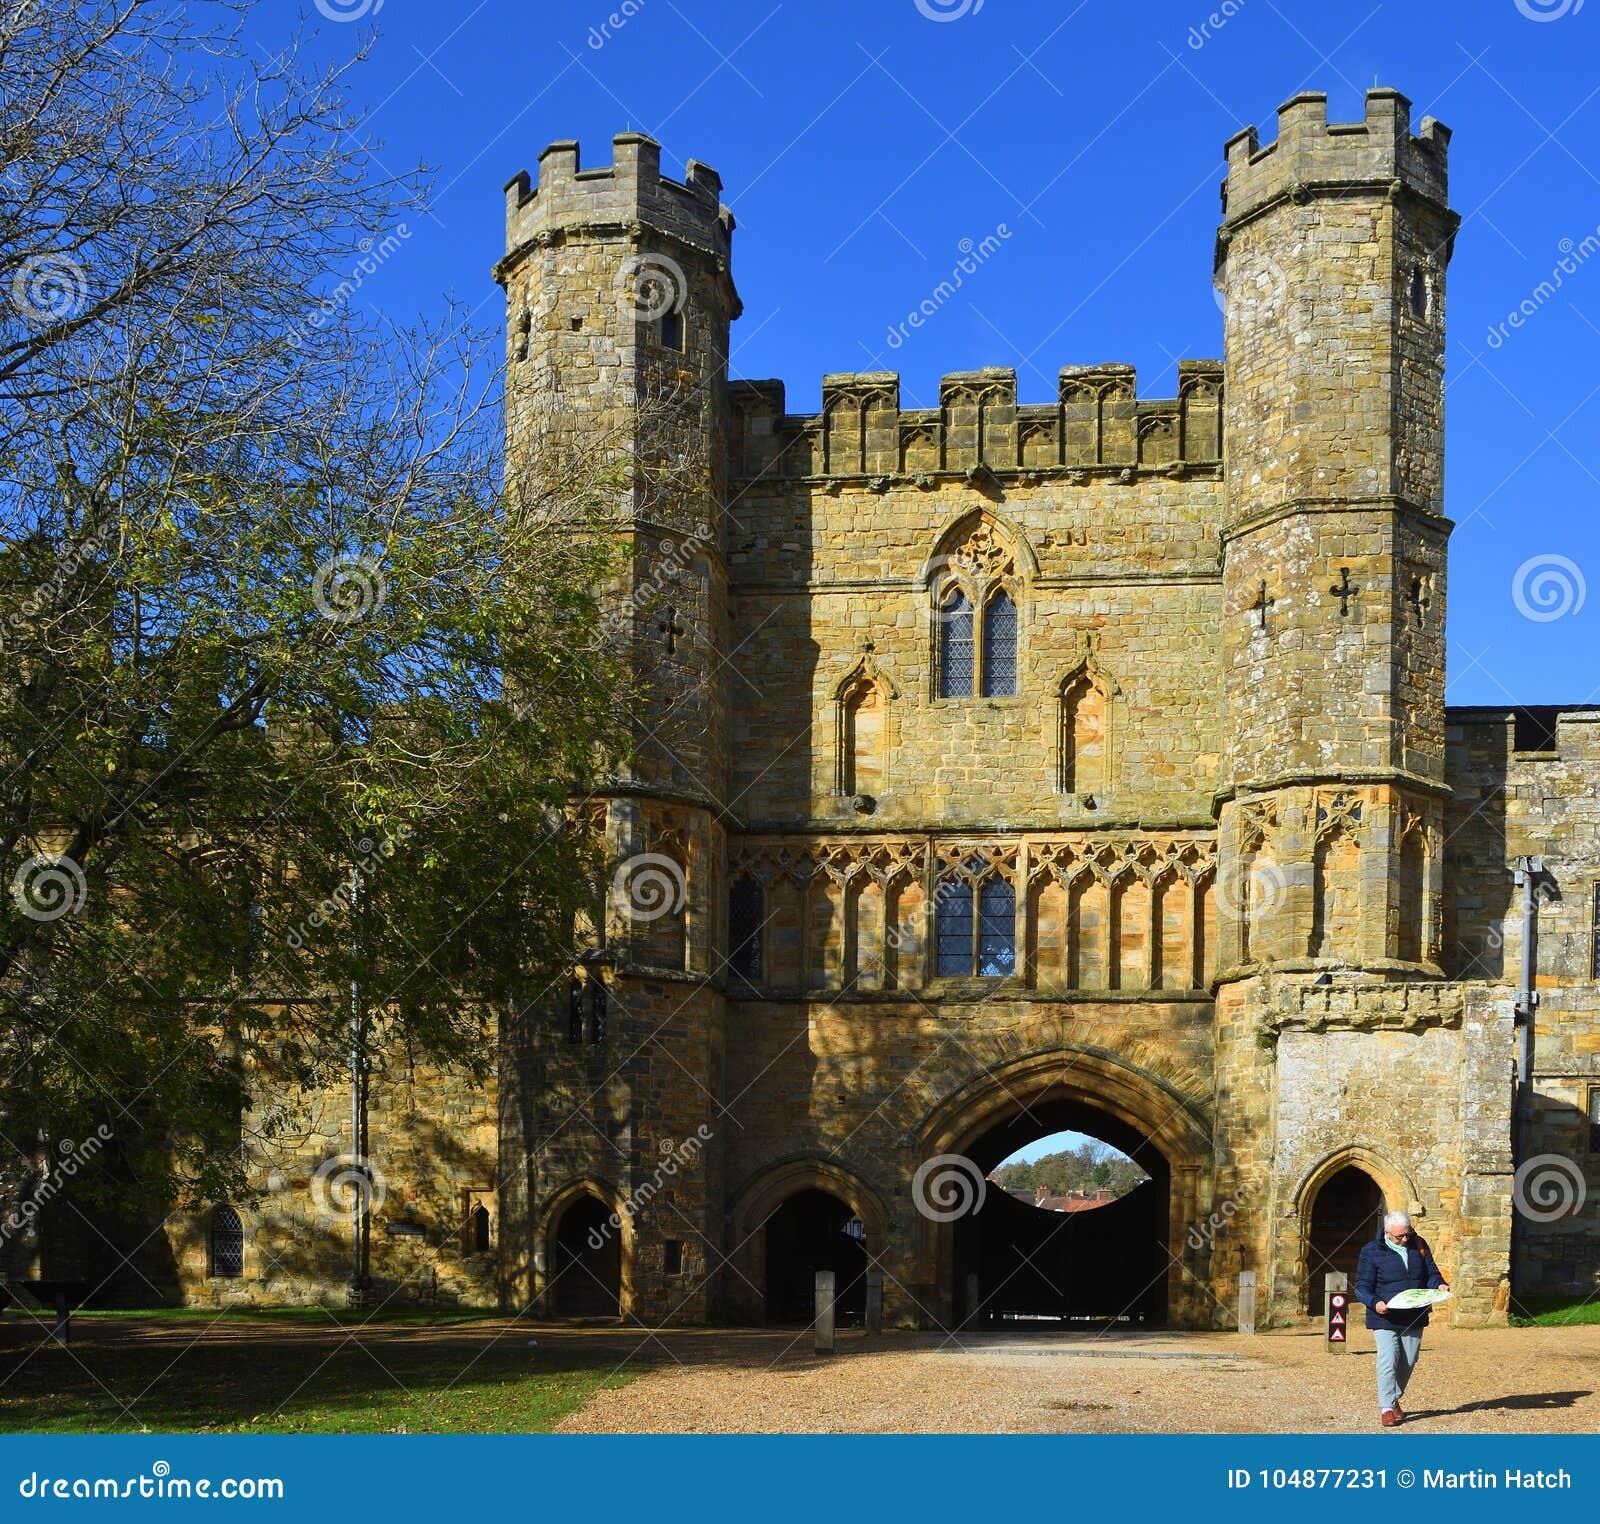 Сторожка аббатства восточного Сассекс сражения построенного на месте сражения Hastings